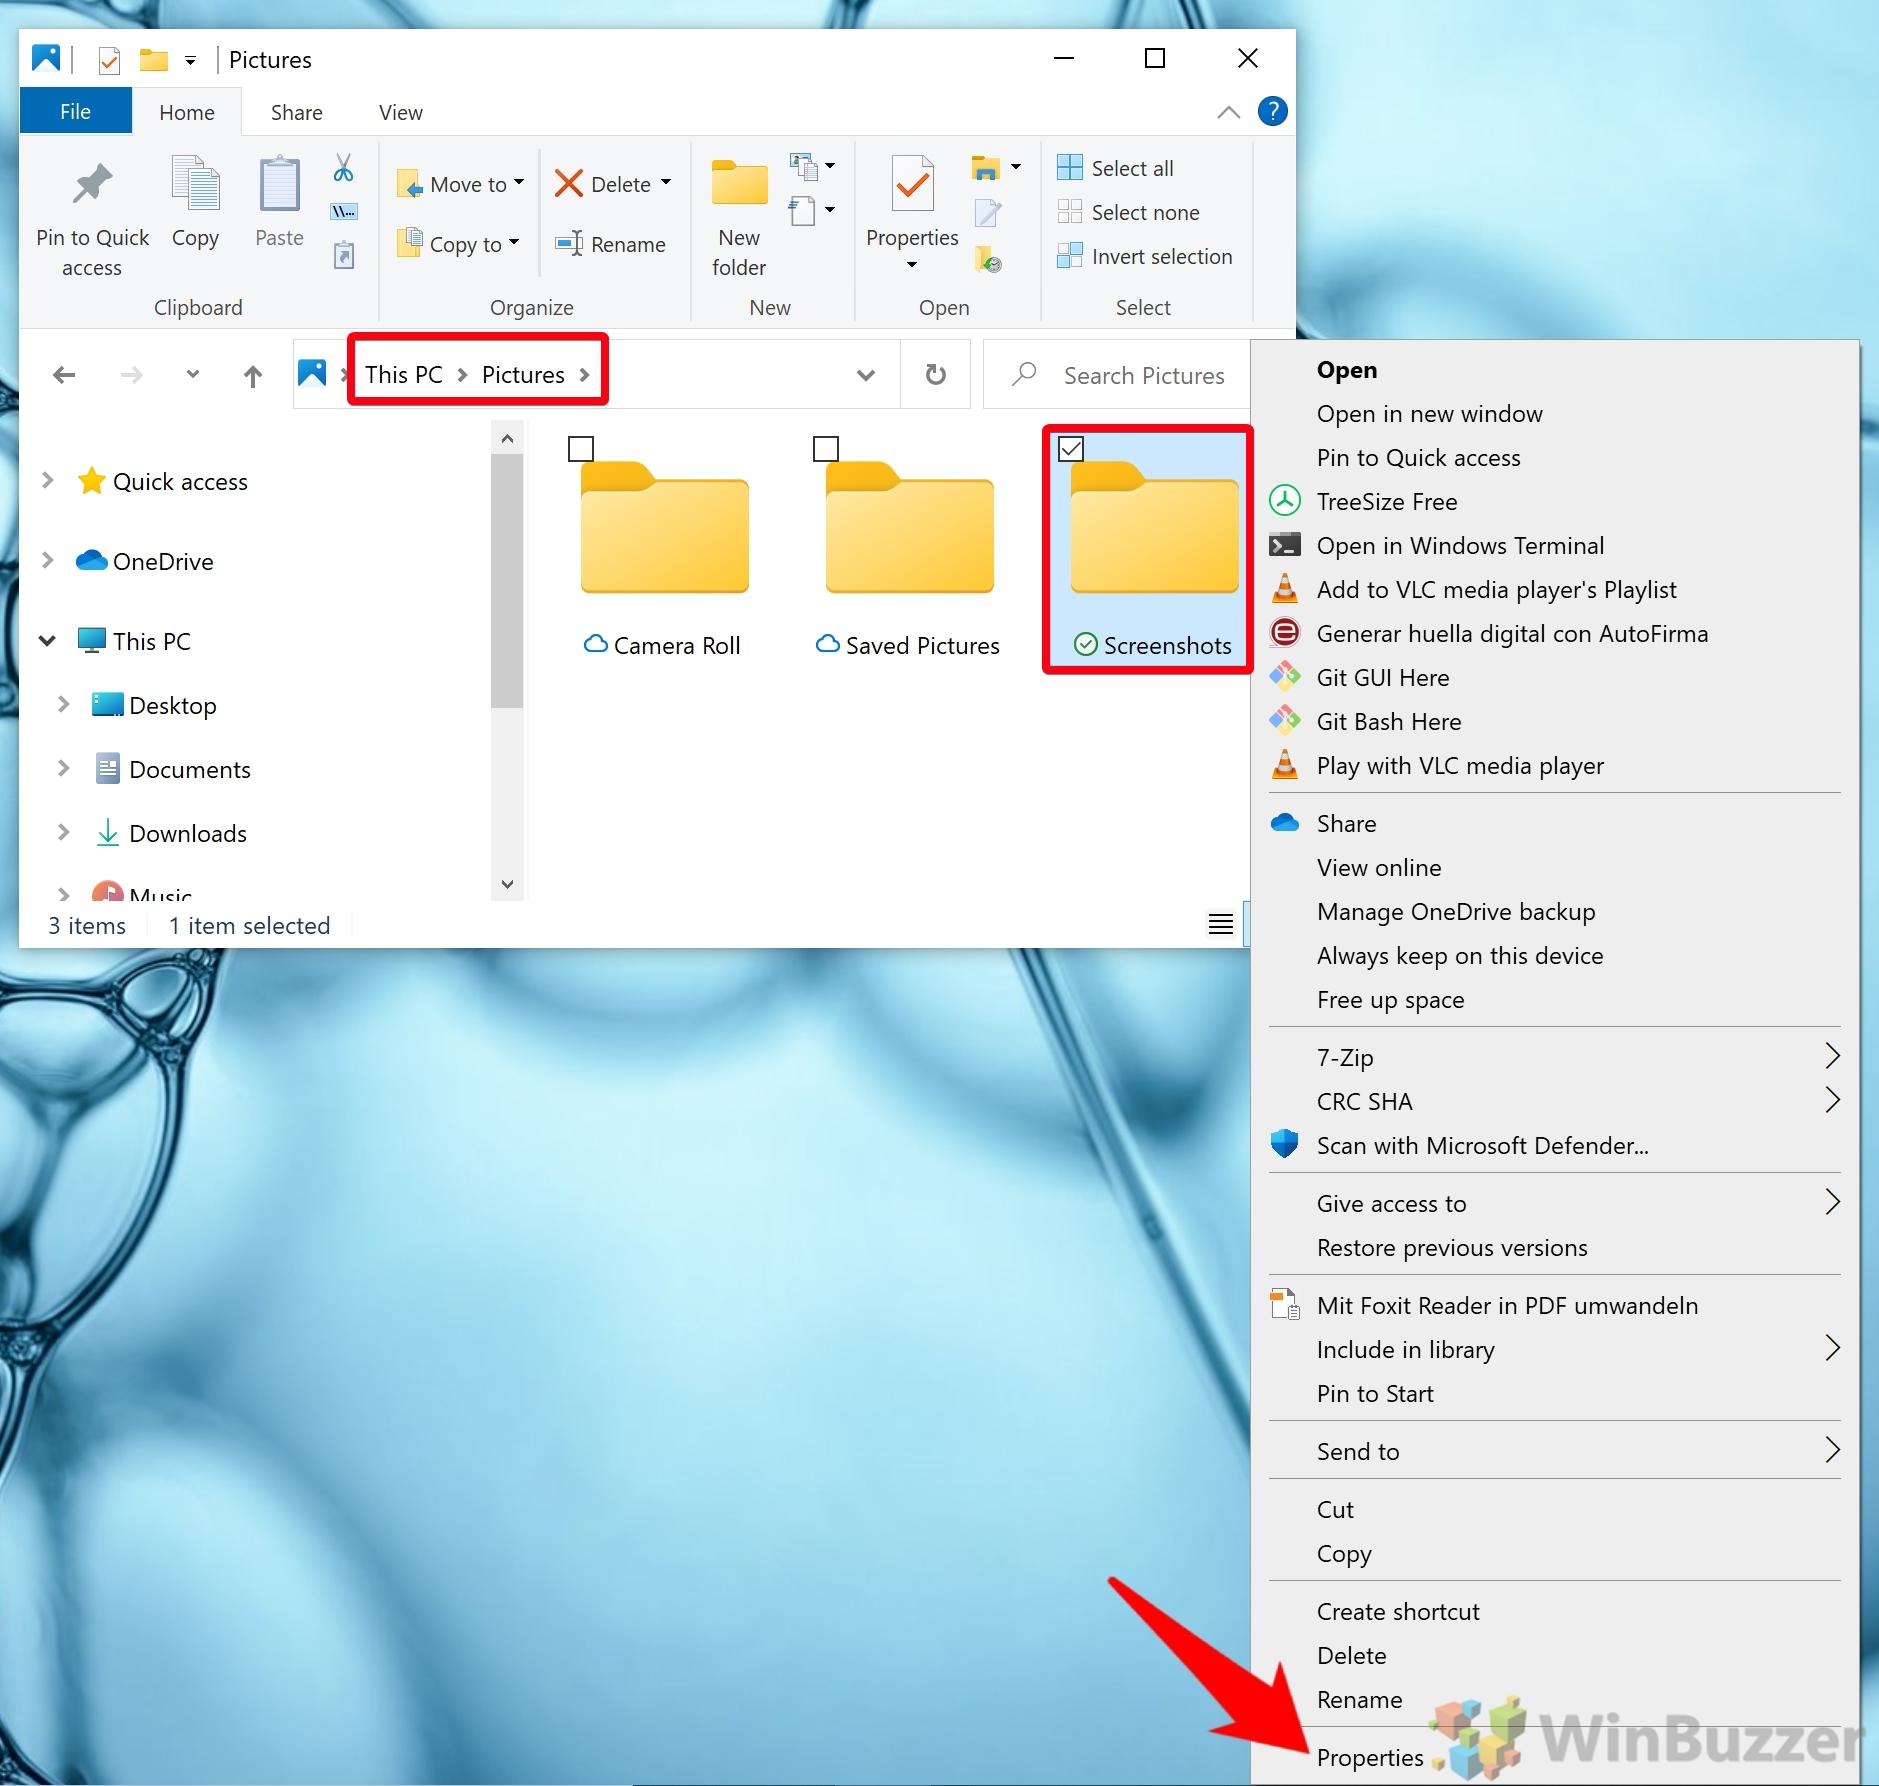 Windows 10 - Screenshots folder - Properties